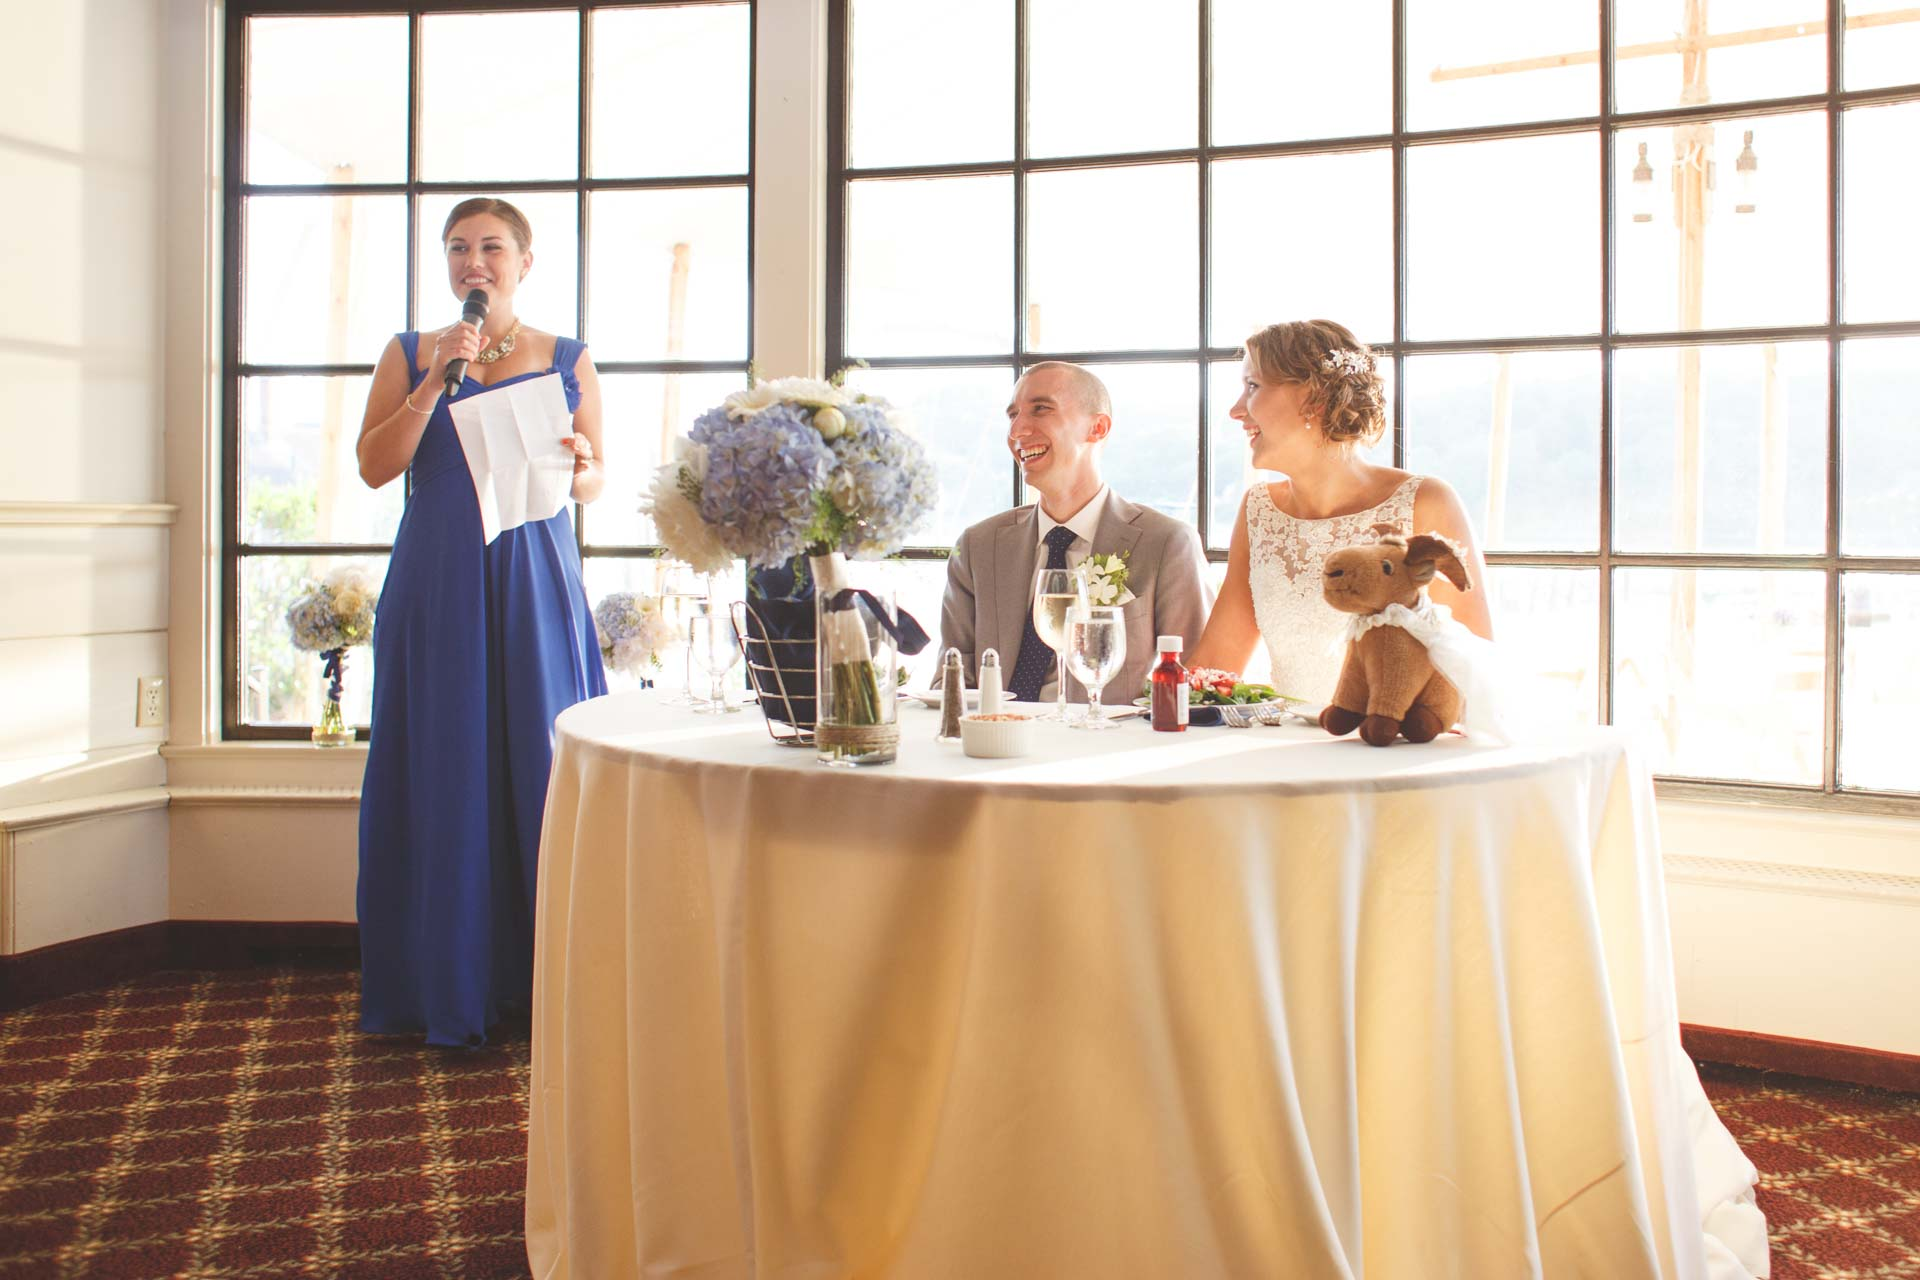 latitude-41-wedding-photography (48 of 66).jpg